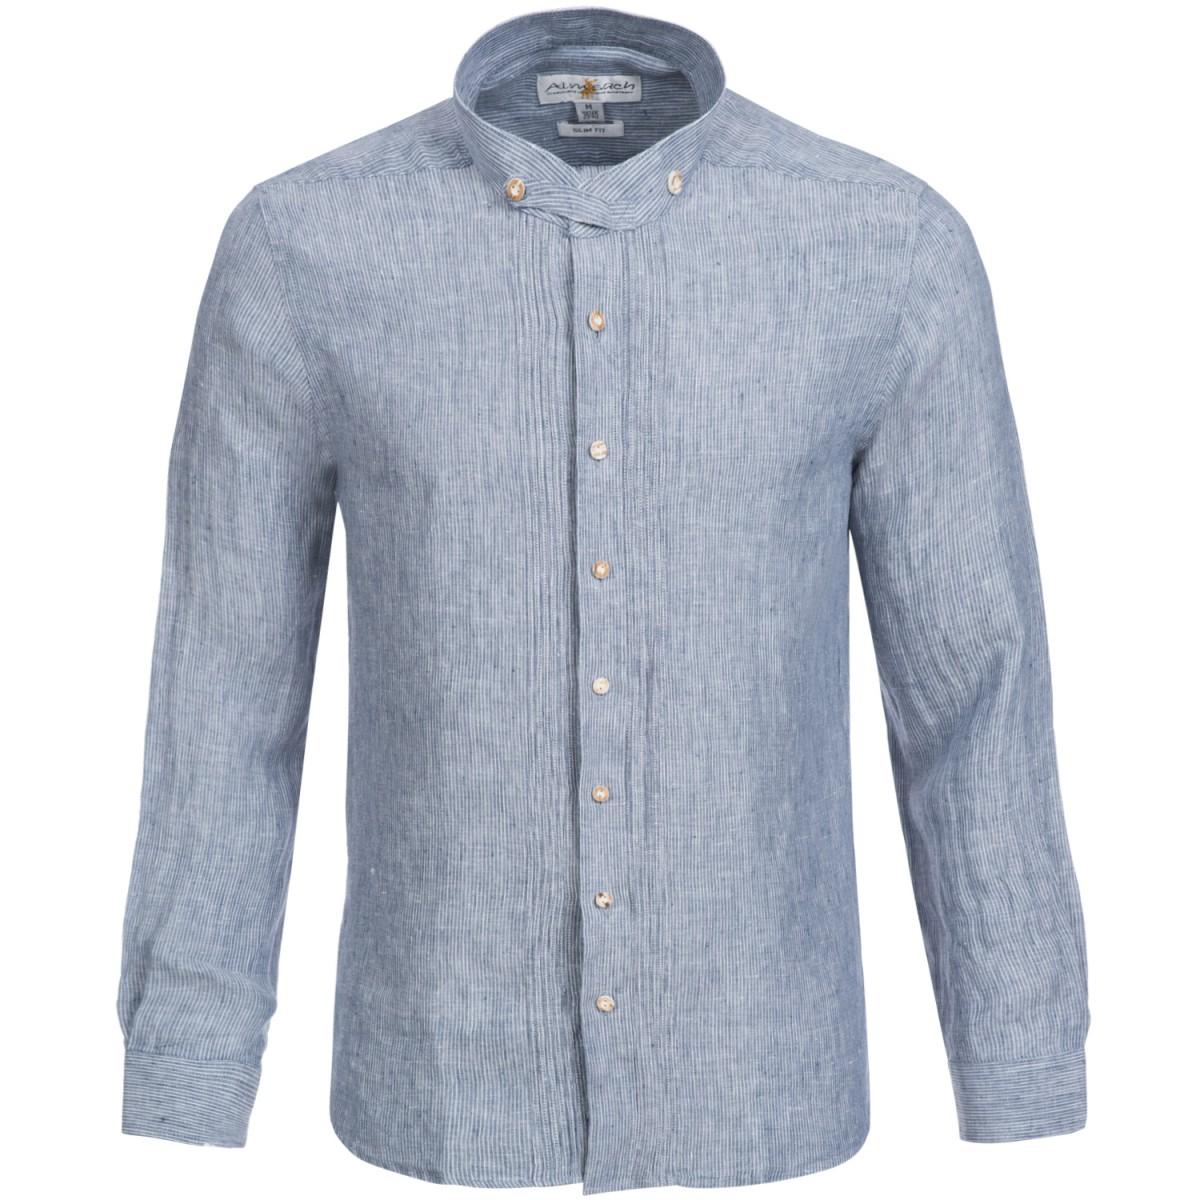 Trachtenhemd Slim Fit in Dunkelblau von Almsach Leinenhemd günstig online kaufen